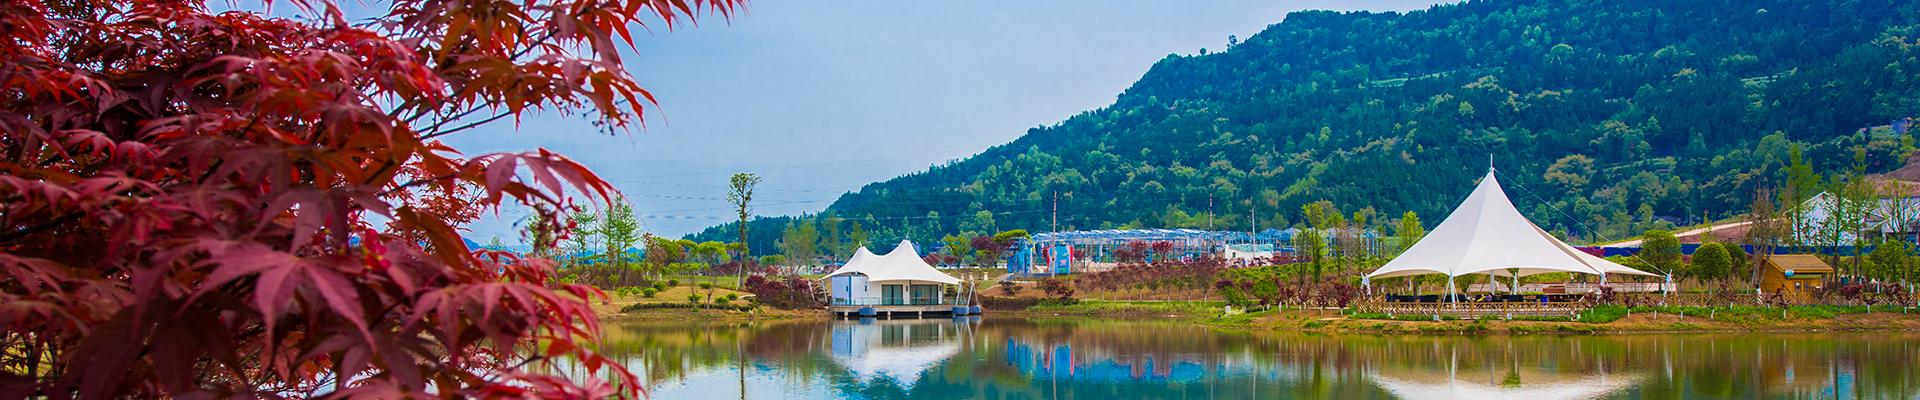 七彩佛龛国家AAAA级旅游景区